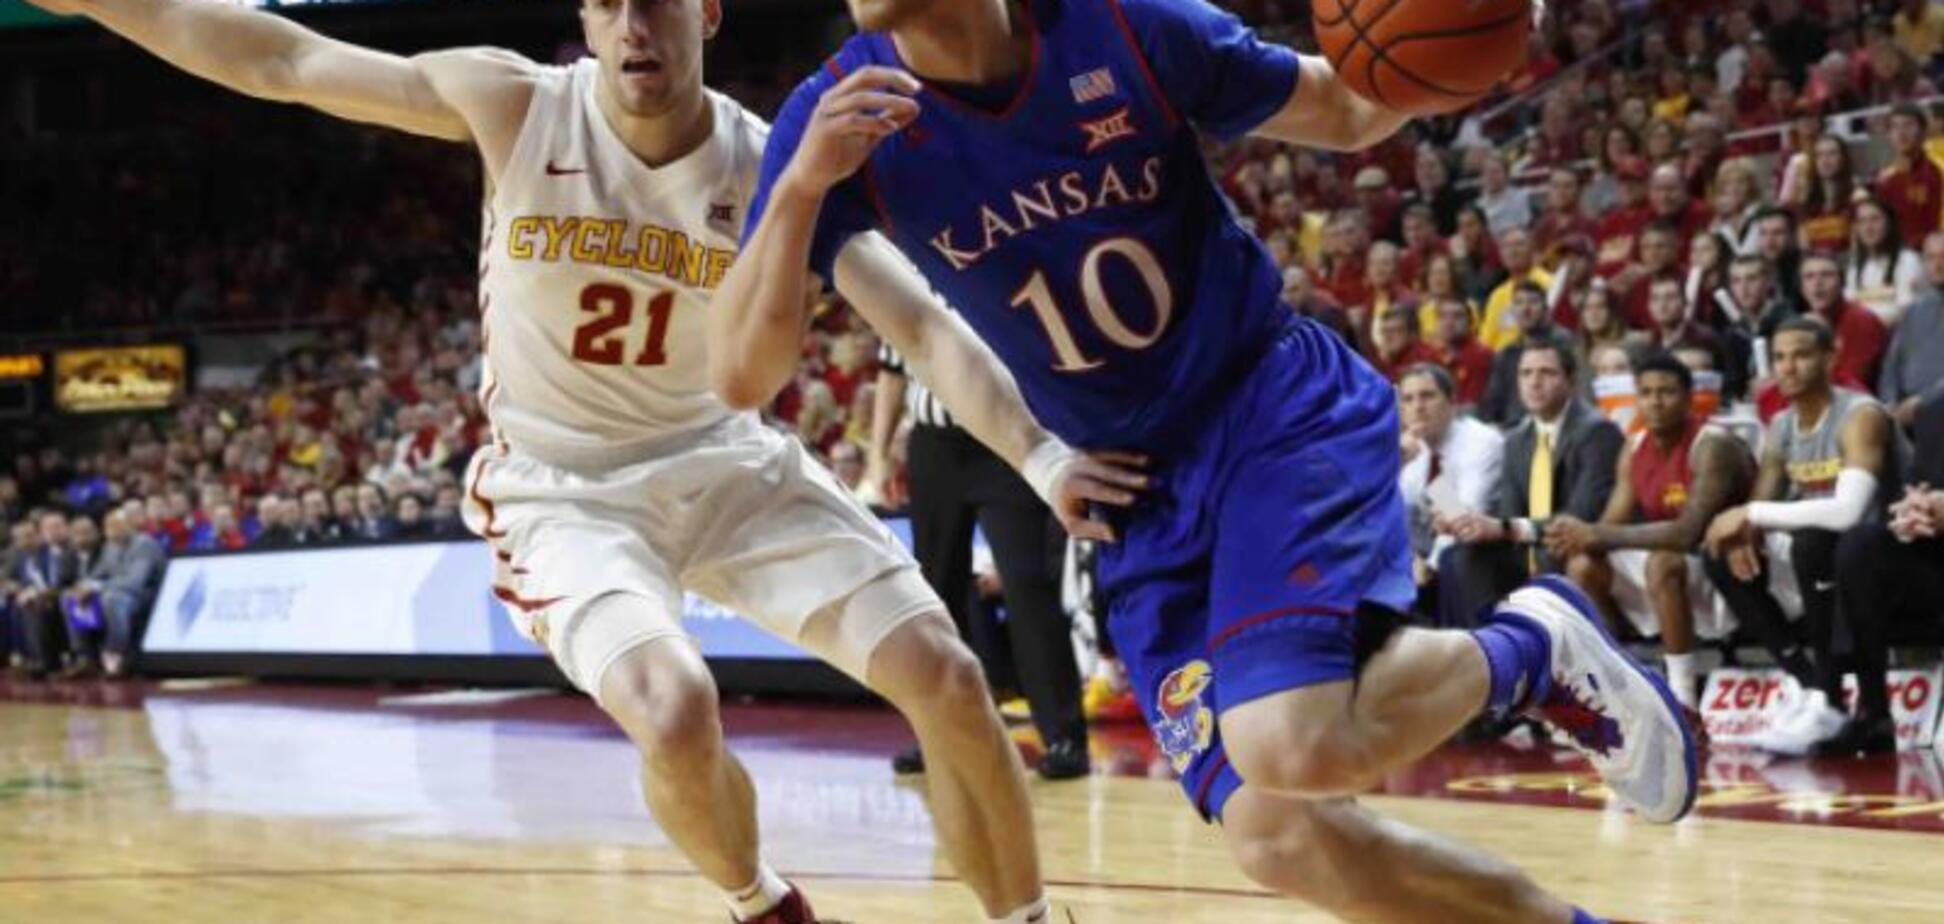 20-річний український баскетболіст зробив неймовірний фурор в США: яскраве відео